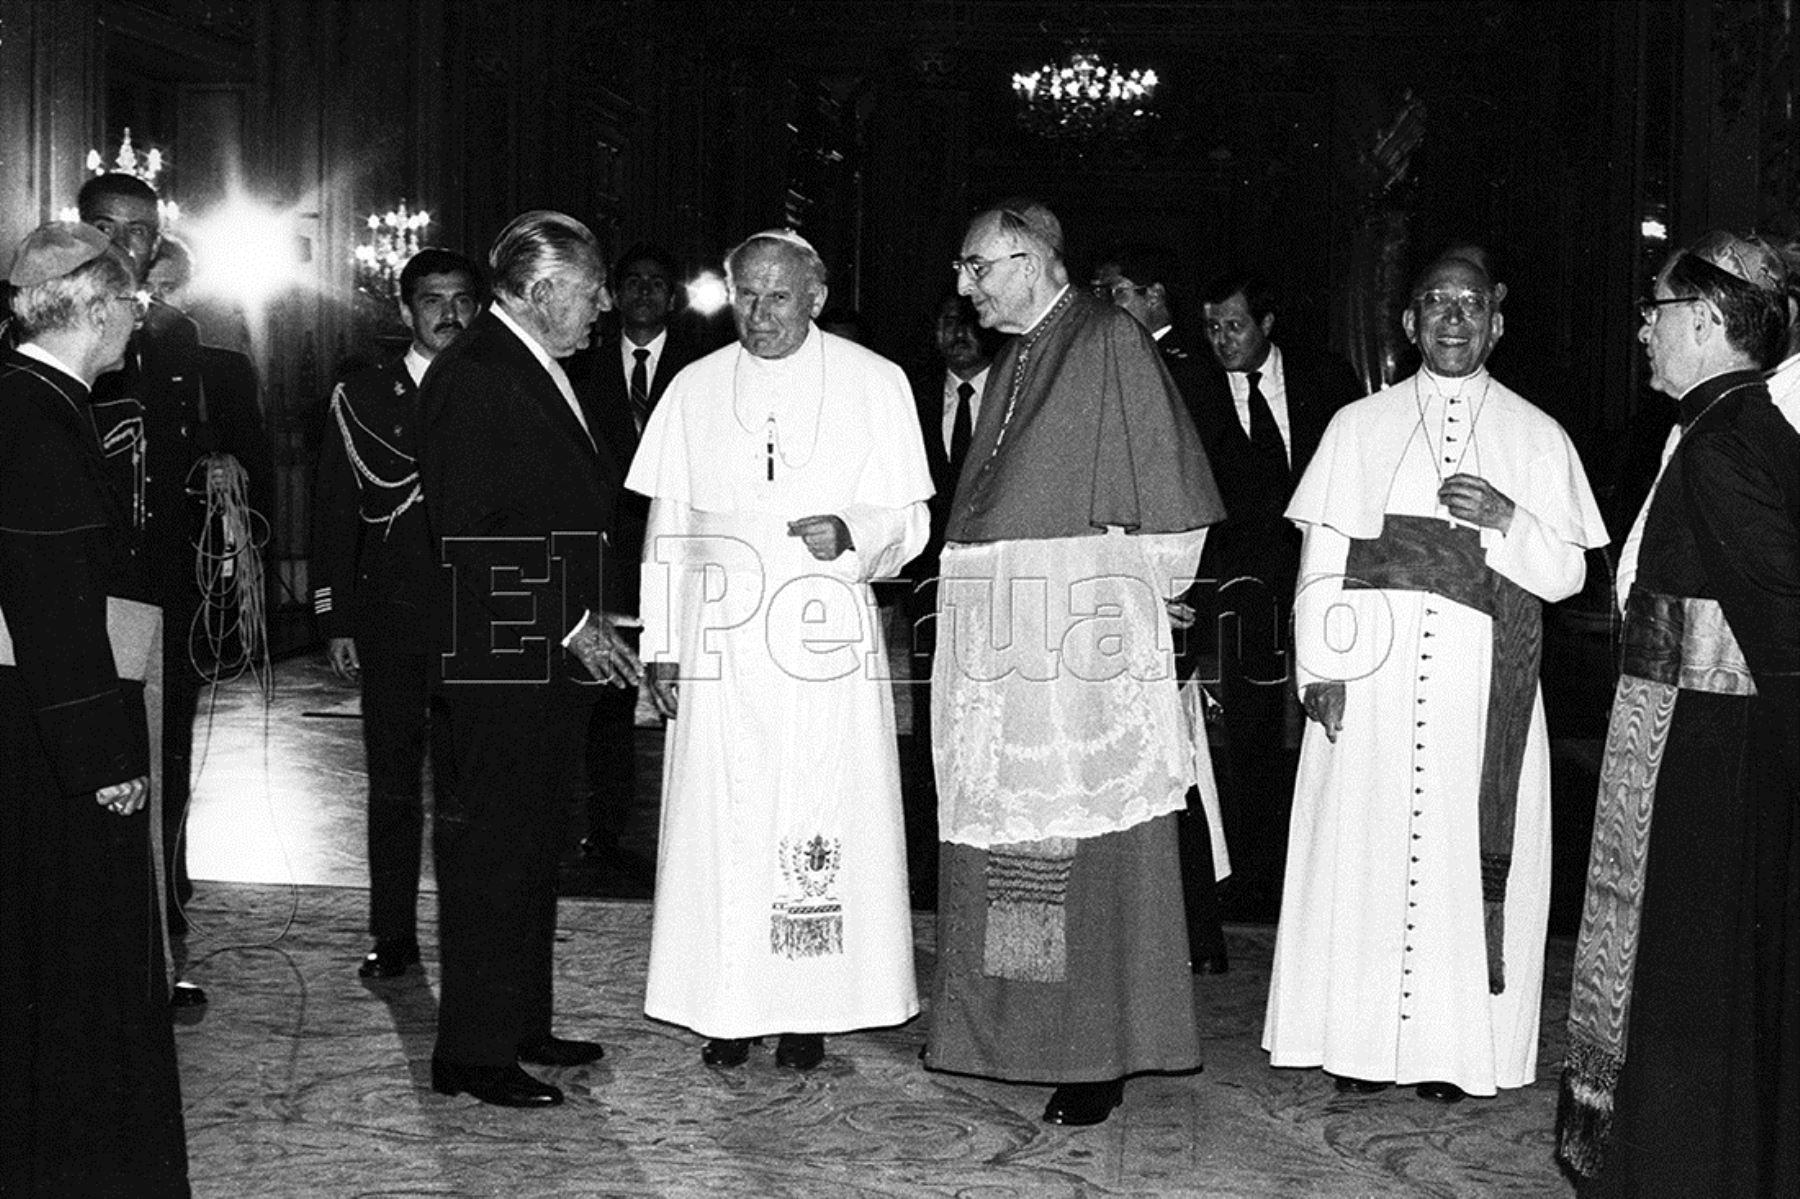 Lima (1895) El Papa Juan Pablo II, el presidente Fernando Belaunde Terry y el cardenal Juan Landázuri Rickkets en Palacio de Gobierno.